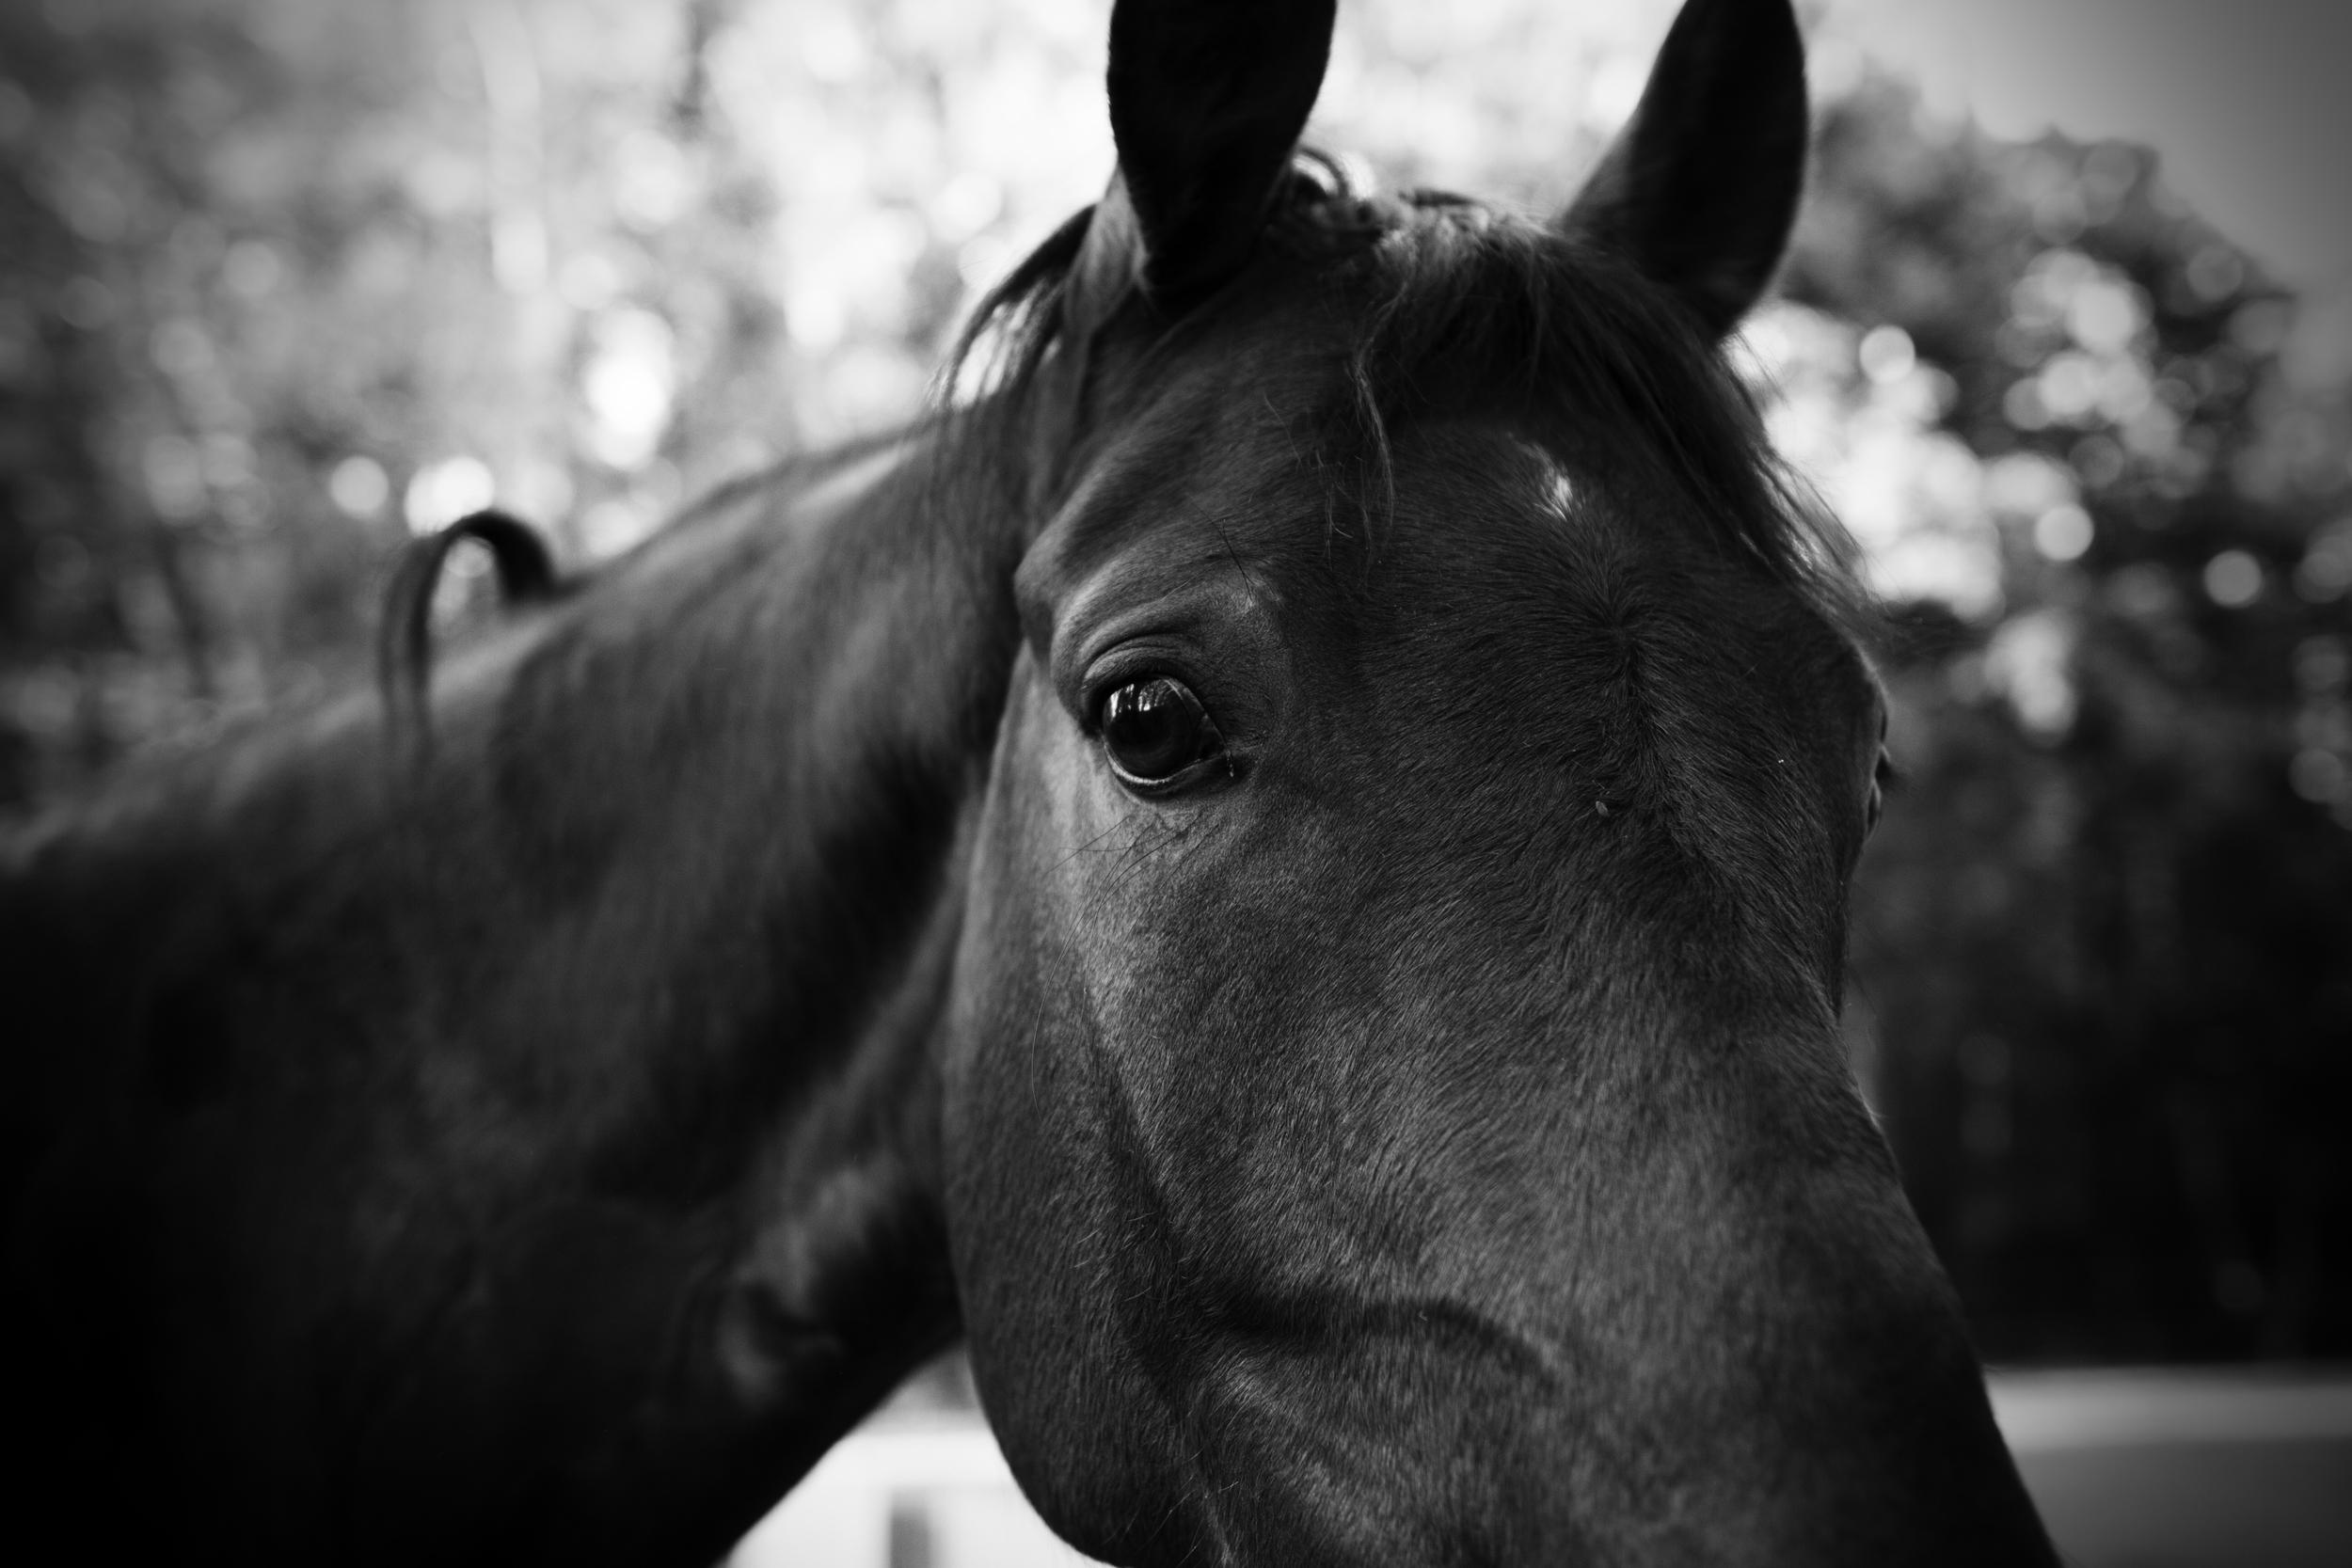 Horse Eye - Dmitry Kolesnikov